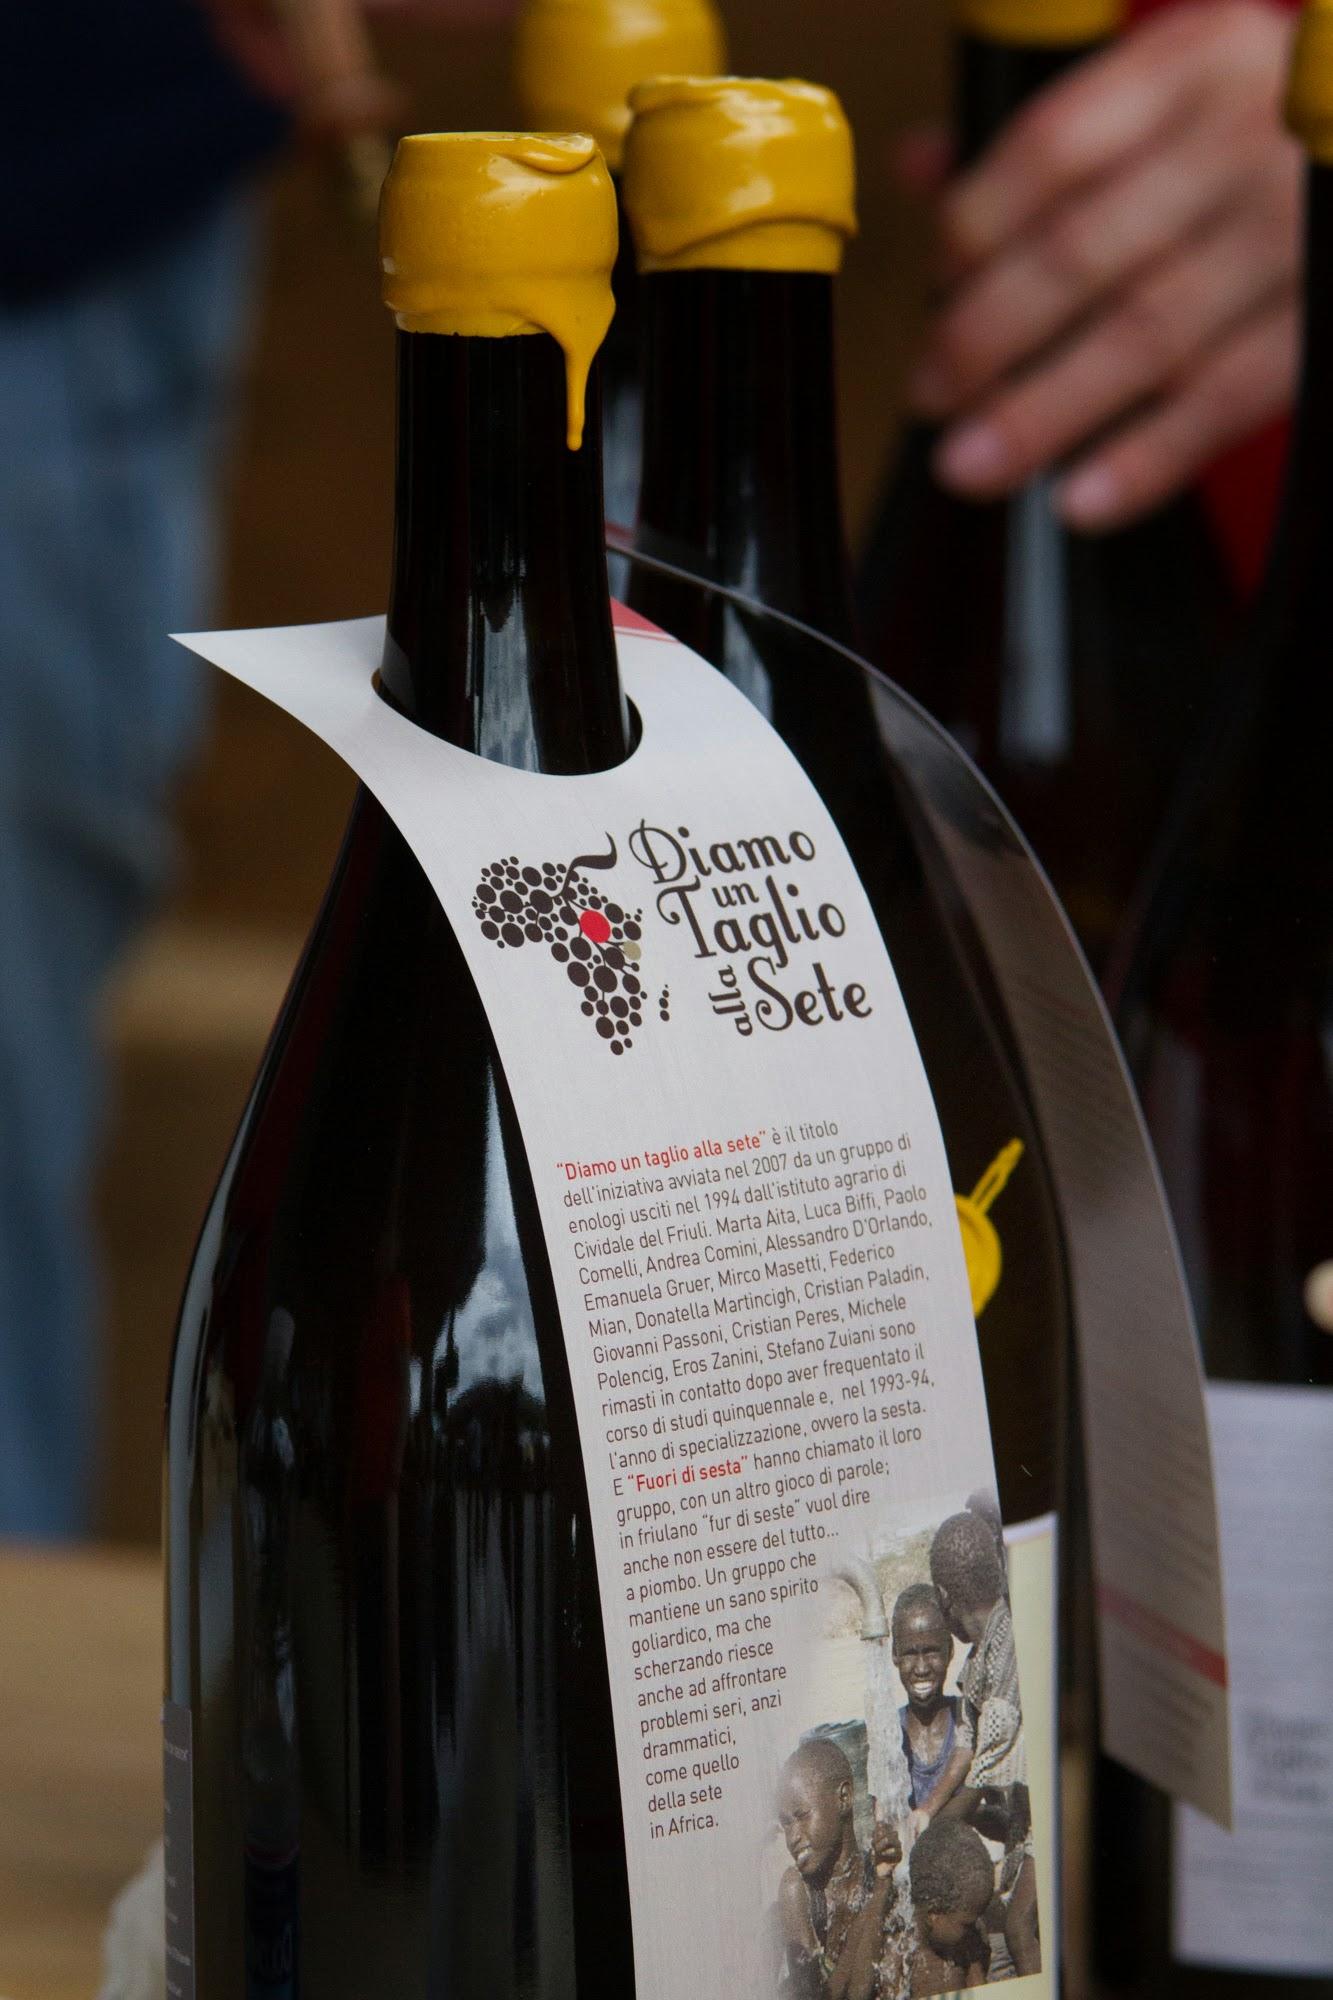 Vinae - Diamo un taglio alla sete 2014. Foto di Lorenzo Burello. da www.diamountaglioallasete.org